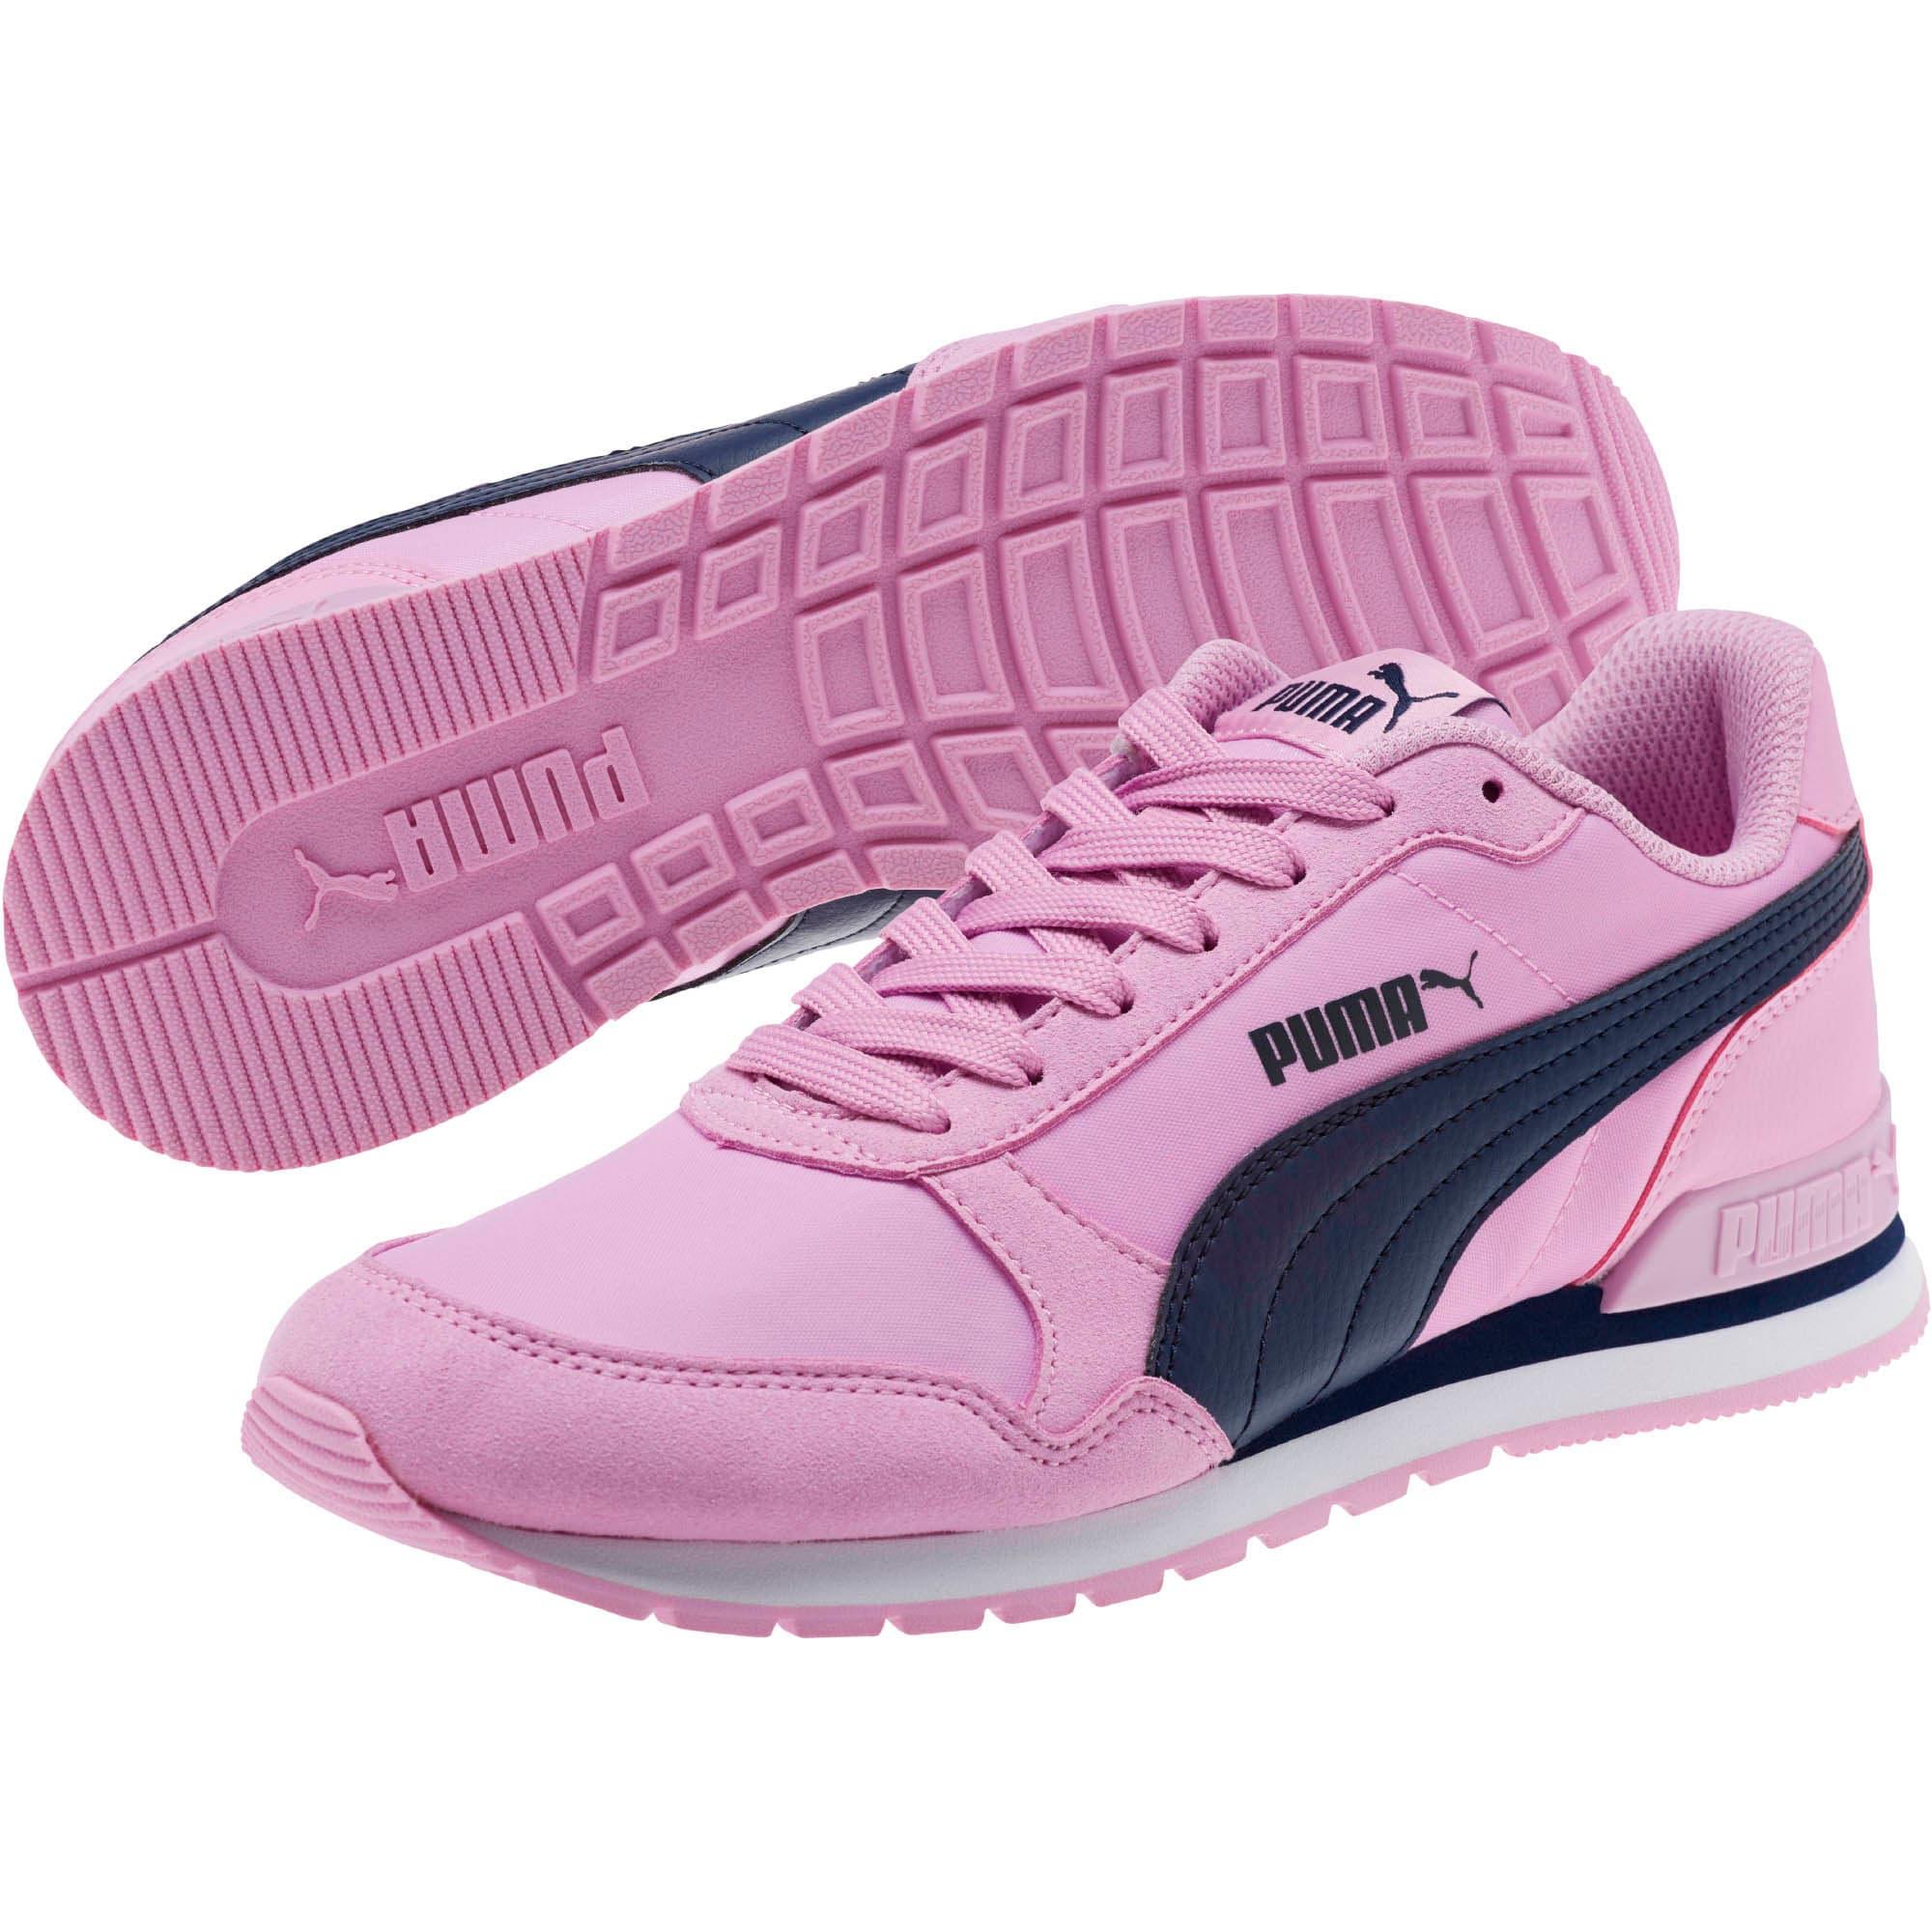 Thumbnail 2 of ST Runner v2 NL Sneakers JR, Orchid-Peacoat, medium